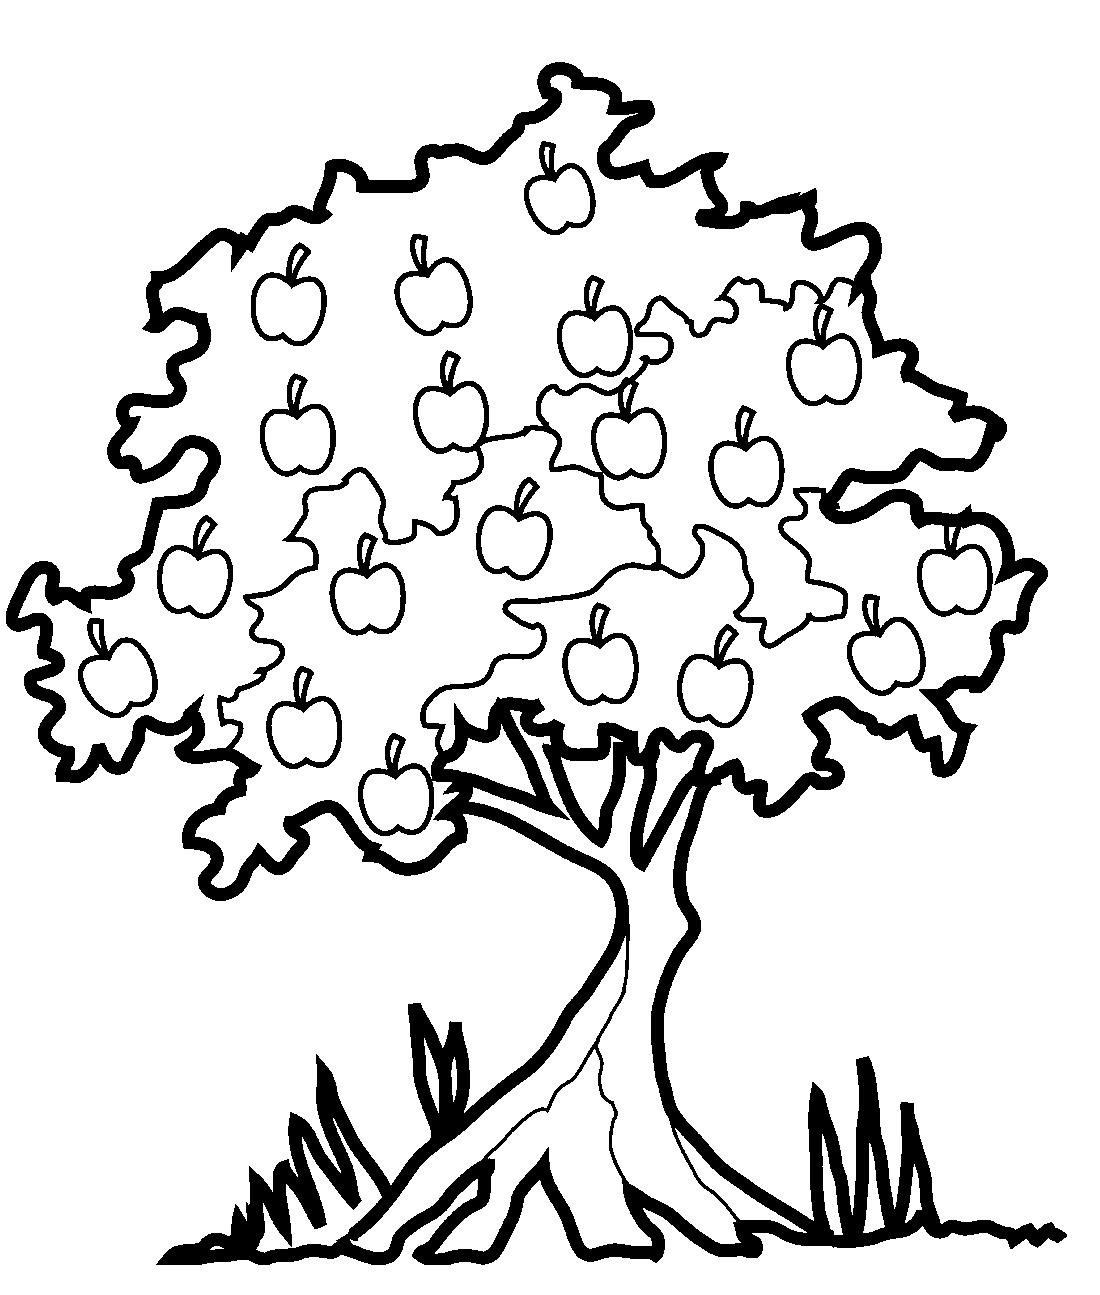 Яблоня с яблоками - раскраска №11642 | Printonic.ru